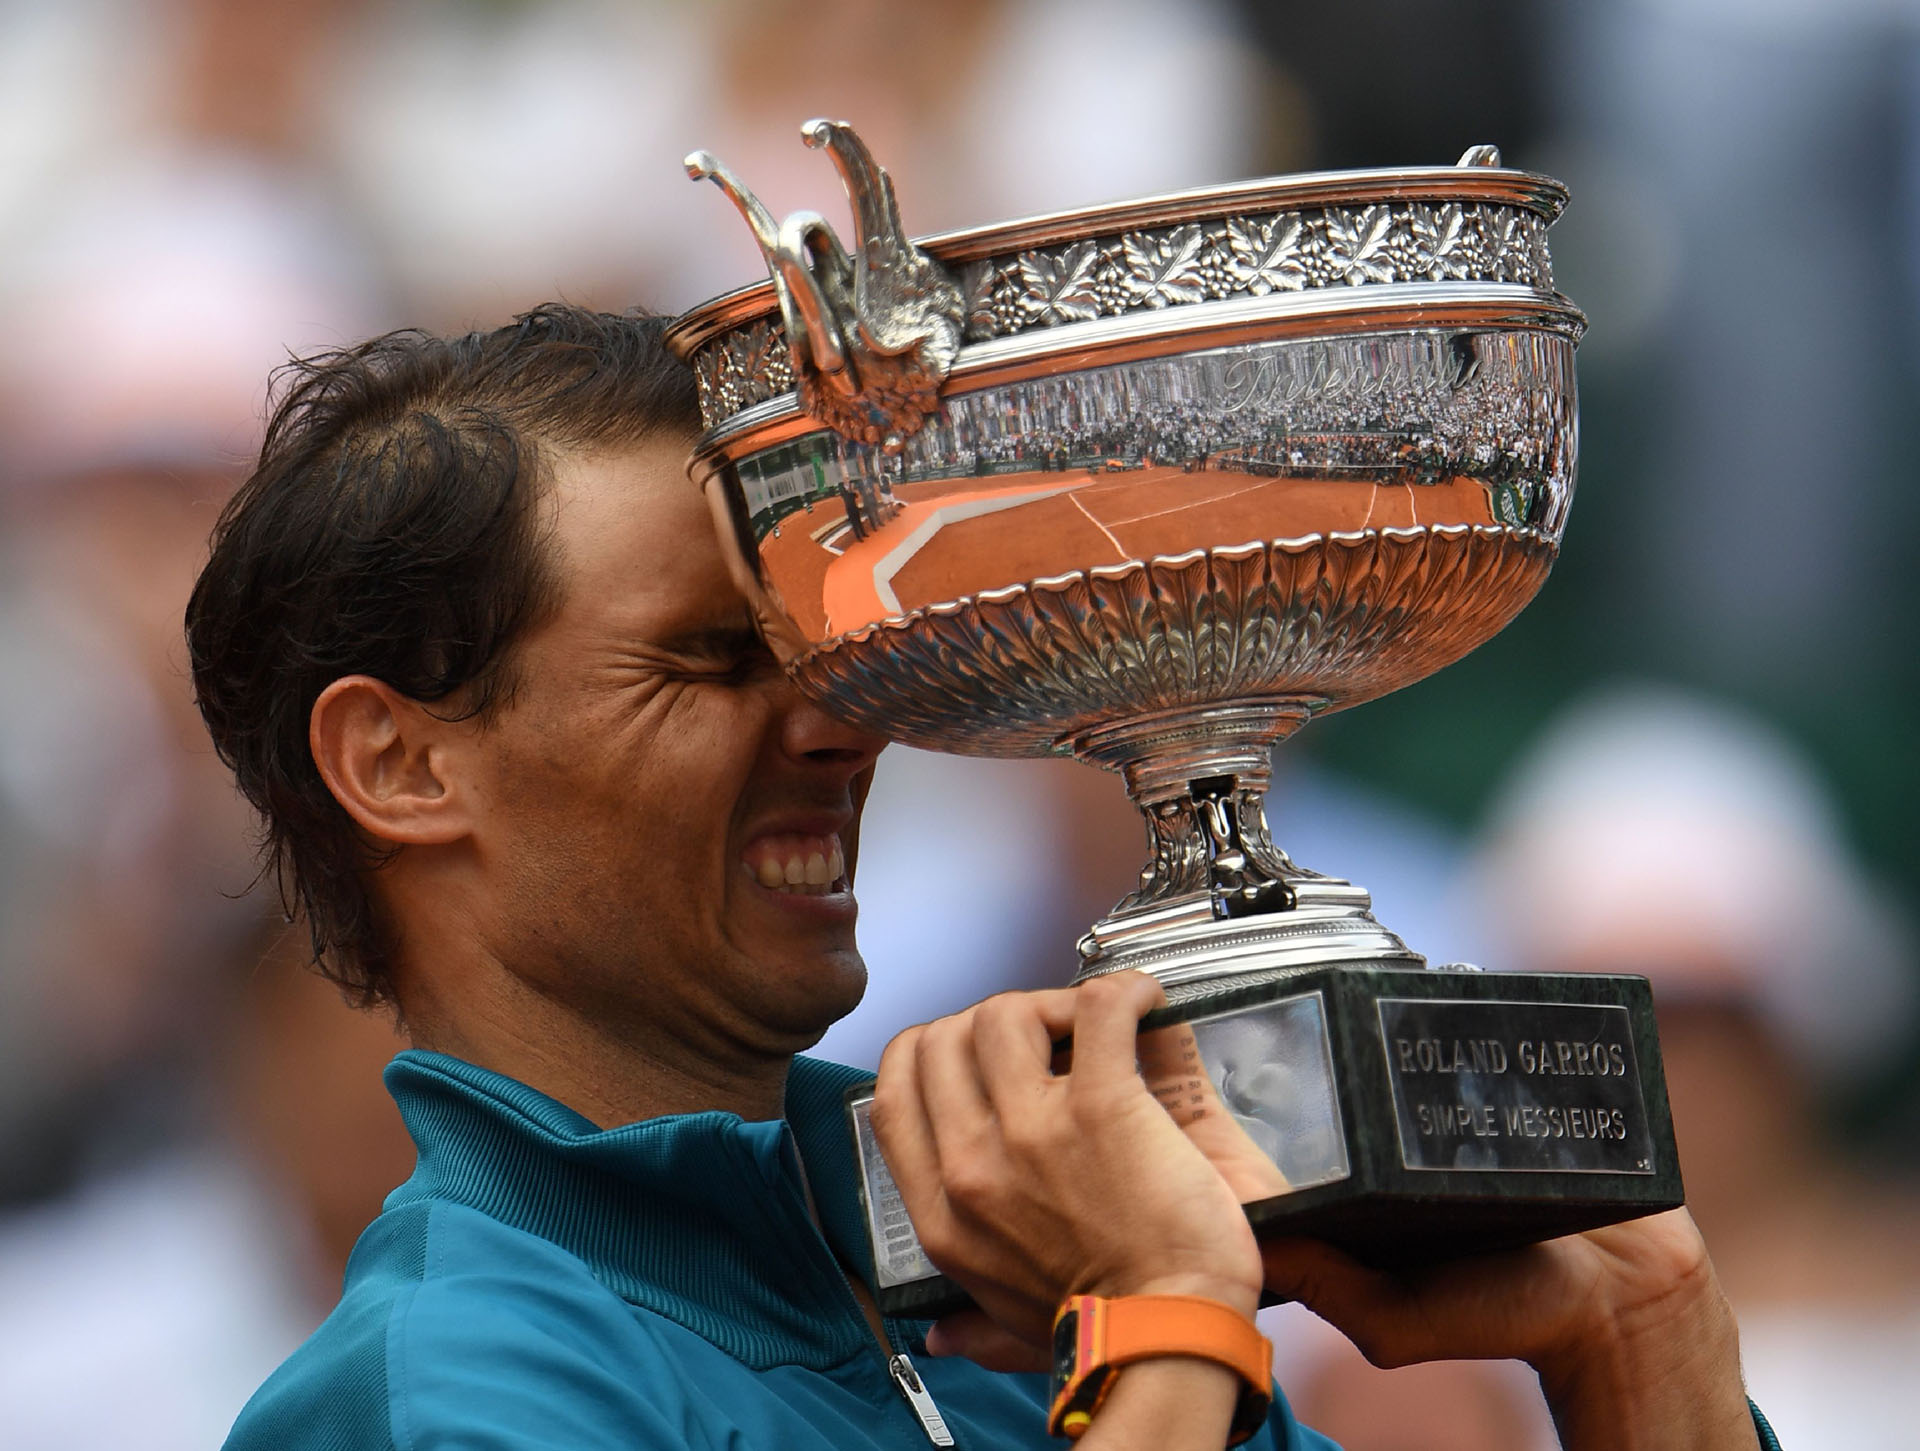 El tenista español Rafael Nadal gana su undécimo Roland Garros al derrotar al austríaco Dominic Thiem el 10 de junio